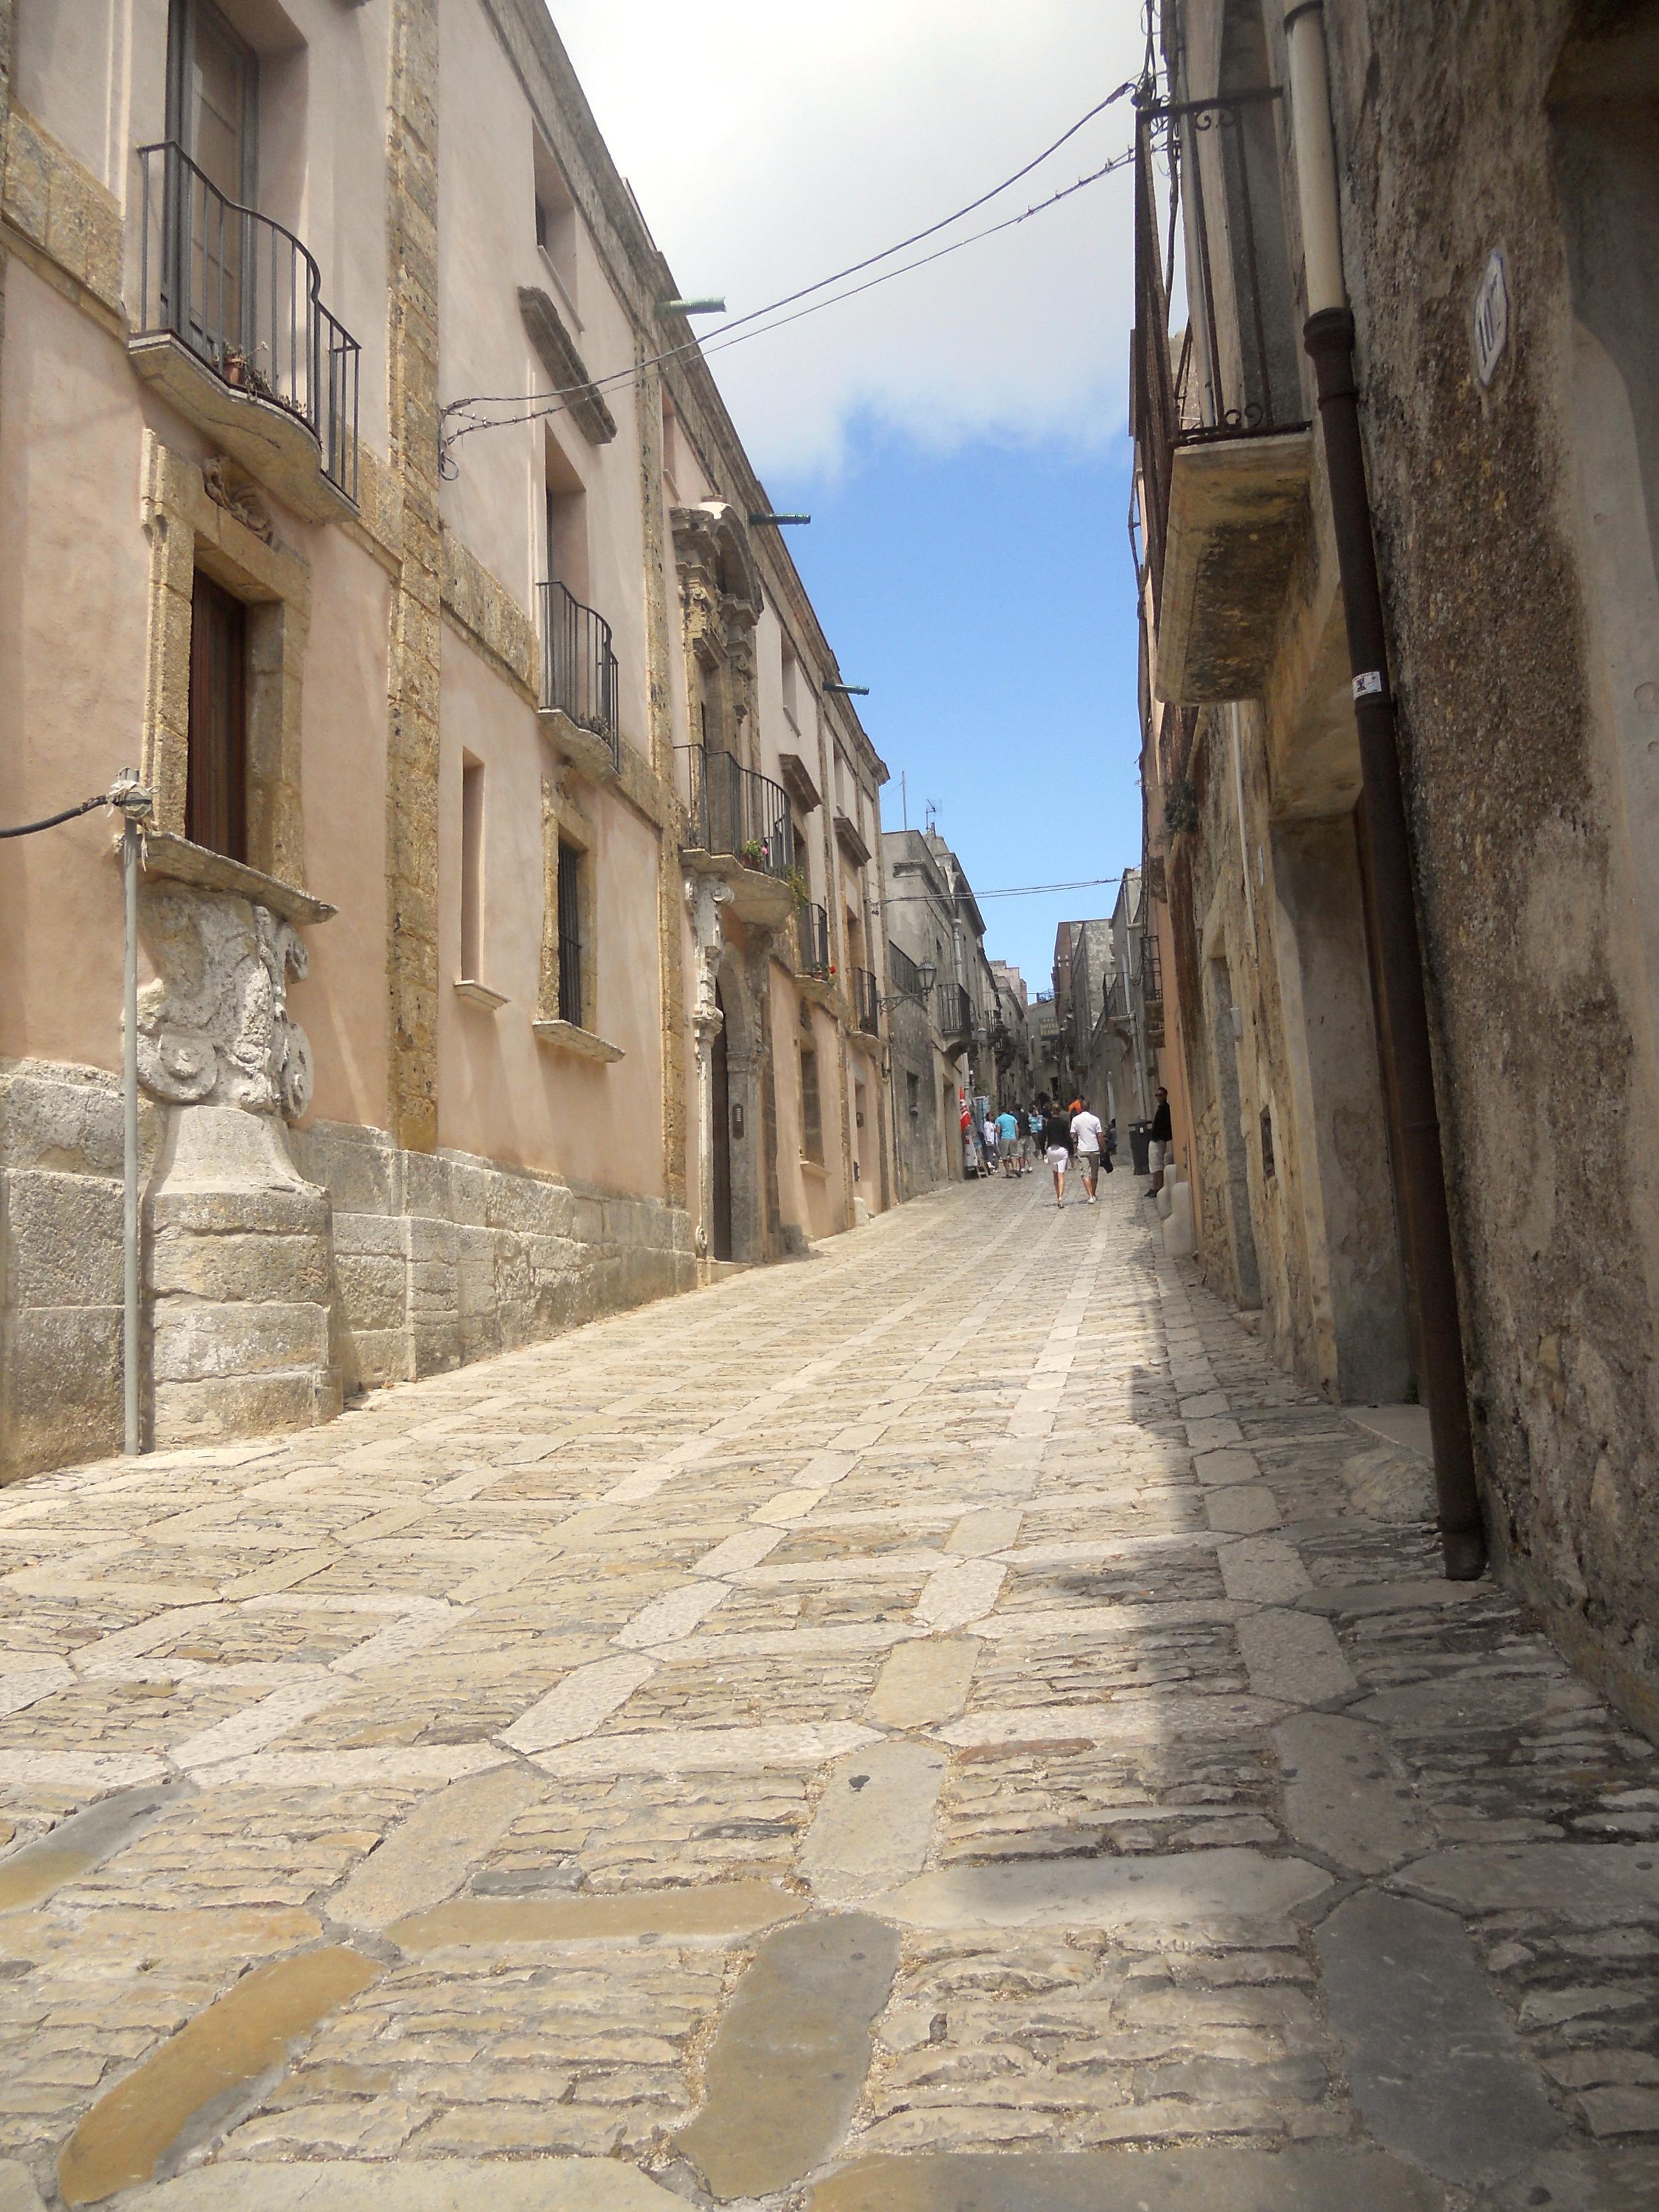 Ericen vanhakaupunki, Sisilia